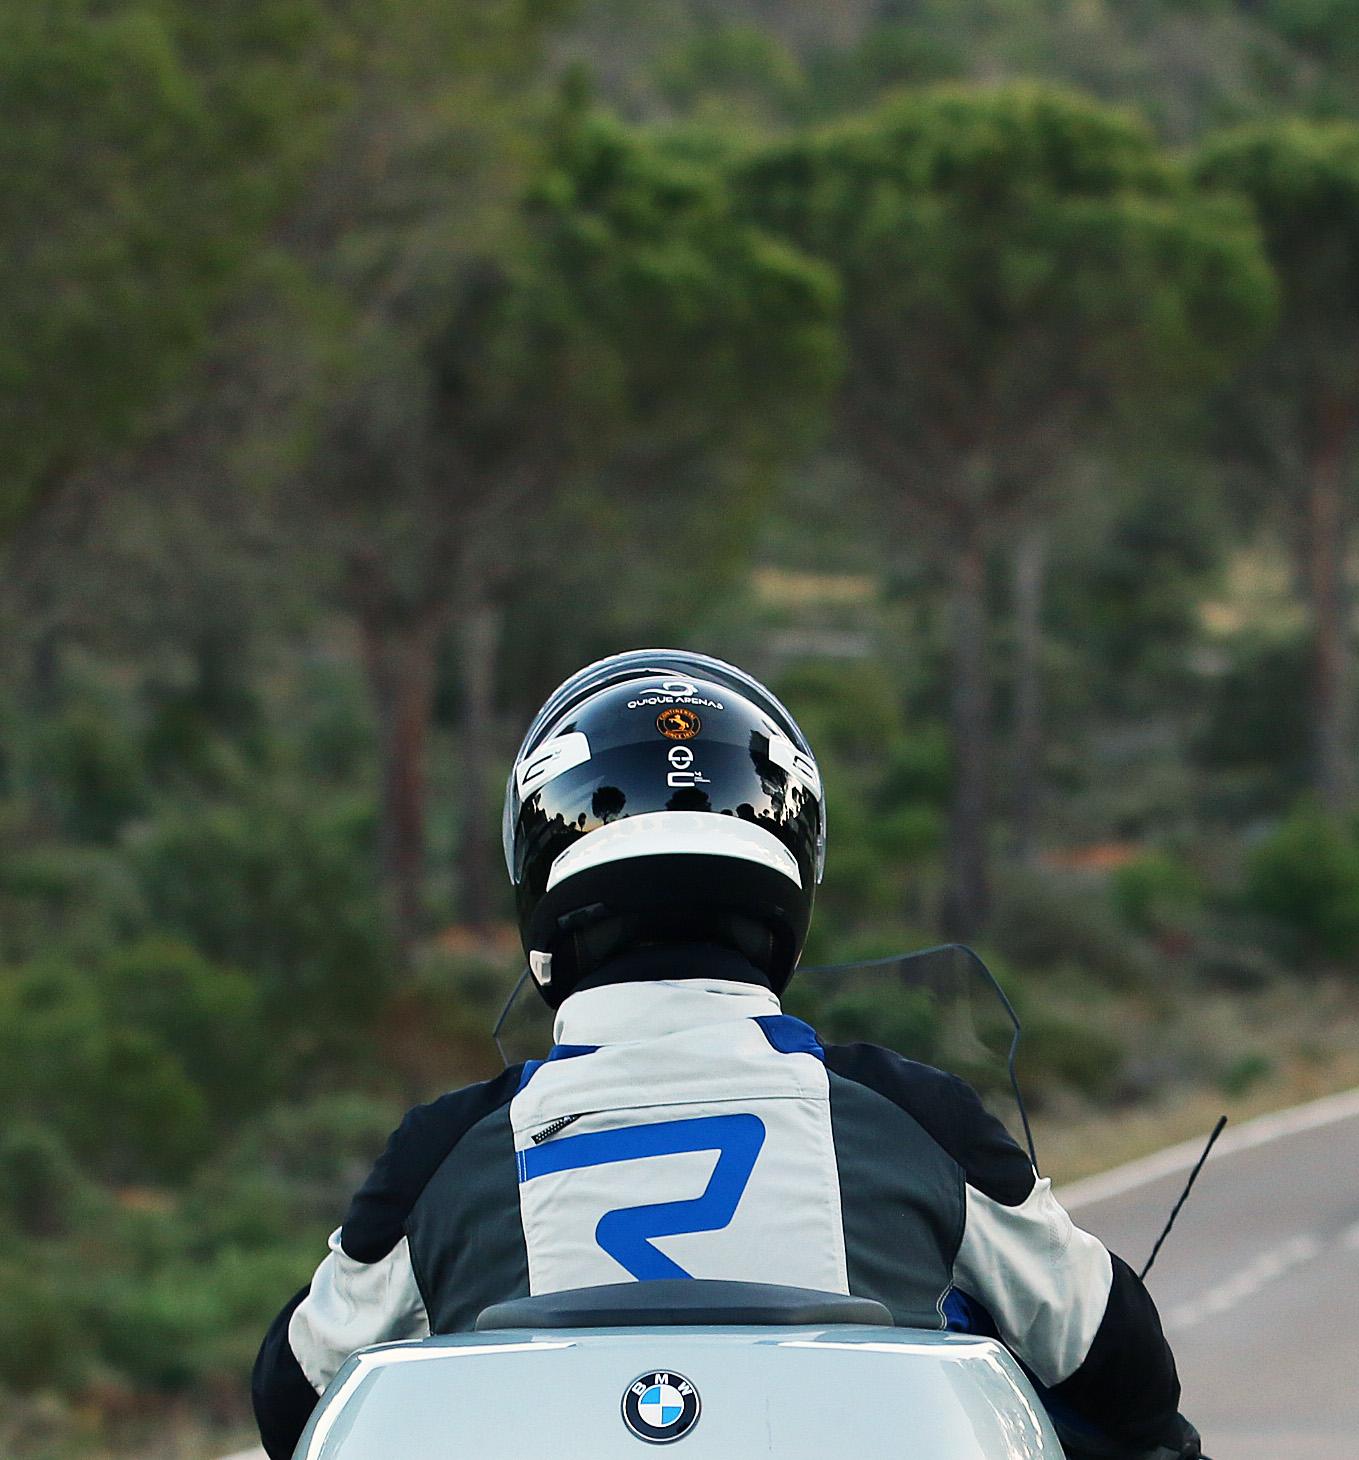 El C4 Pro Carbon es un casco extremadamente ligero.